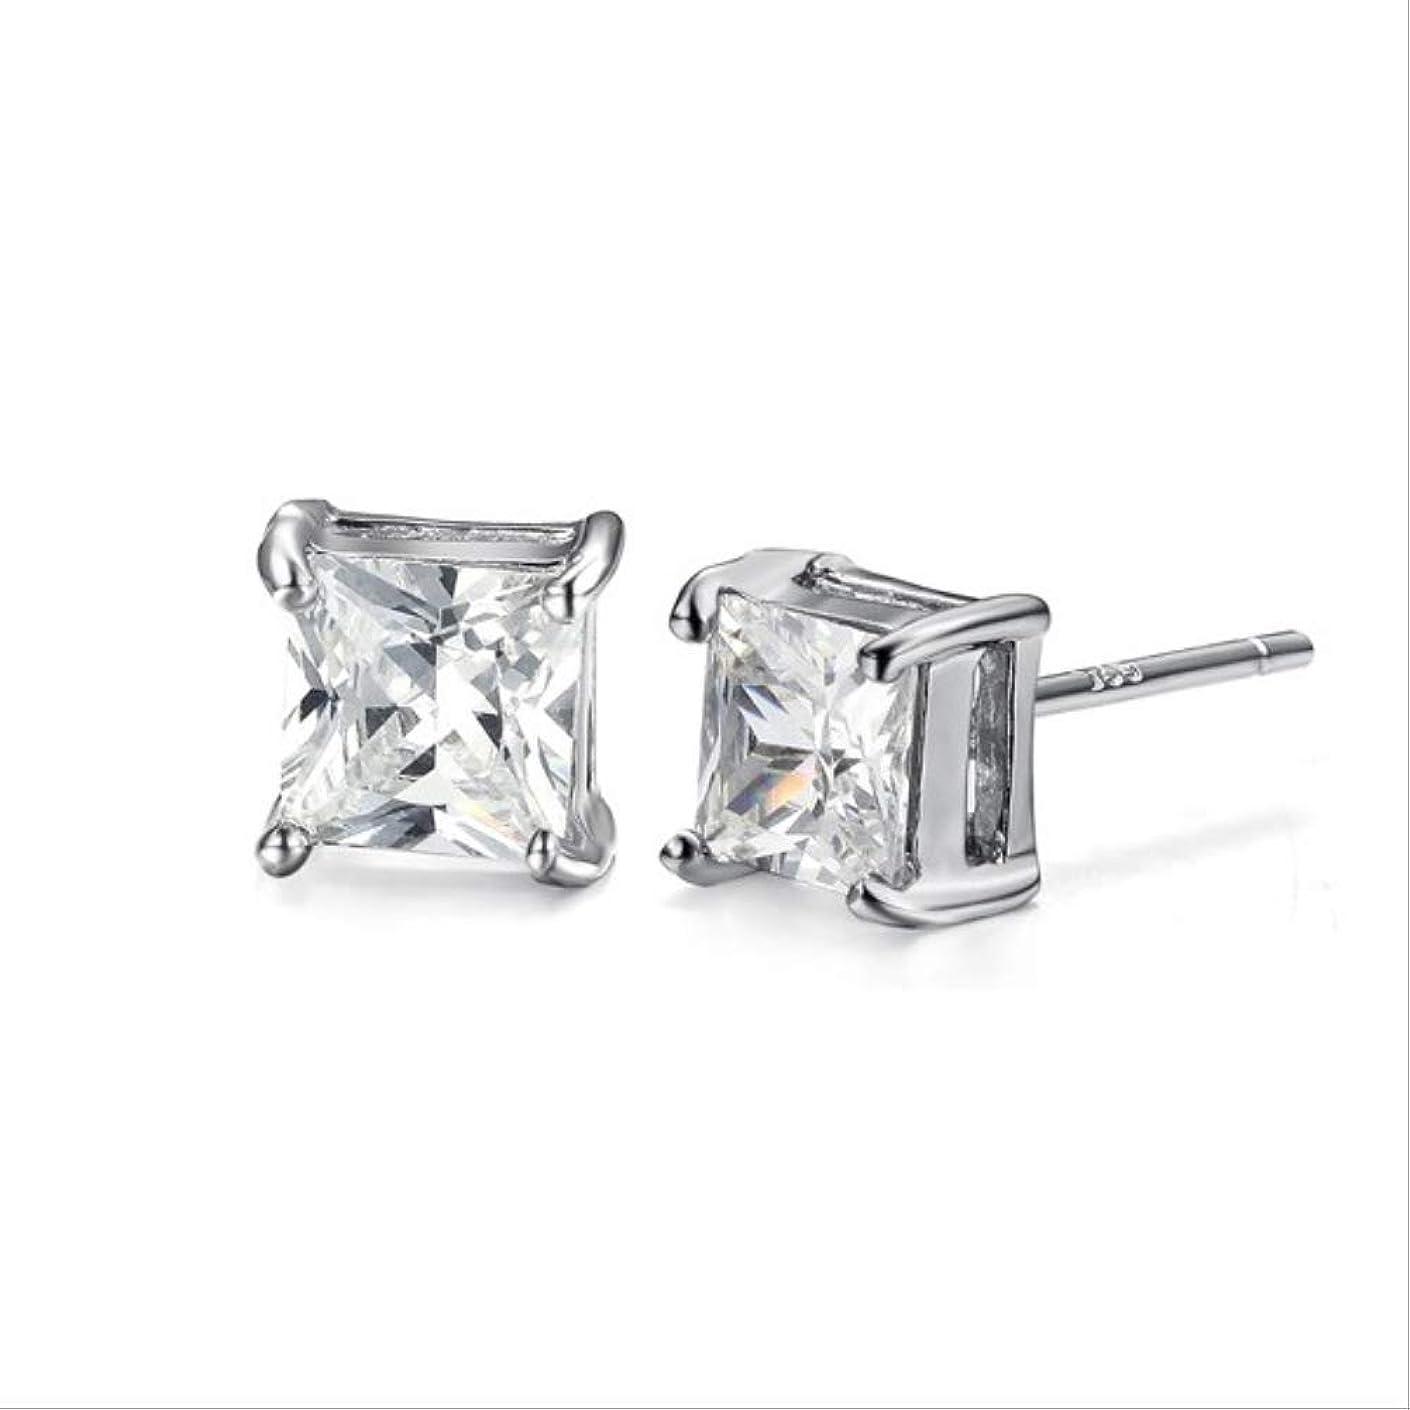 番号ジャズロックシンプルなジルコンイヤリングイヤリングシルバーメッキイヤリングイヤリング4爪の正方形のラインストーンの女性に適した